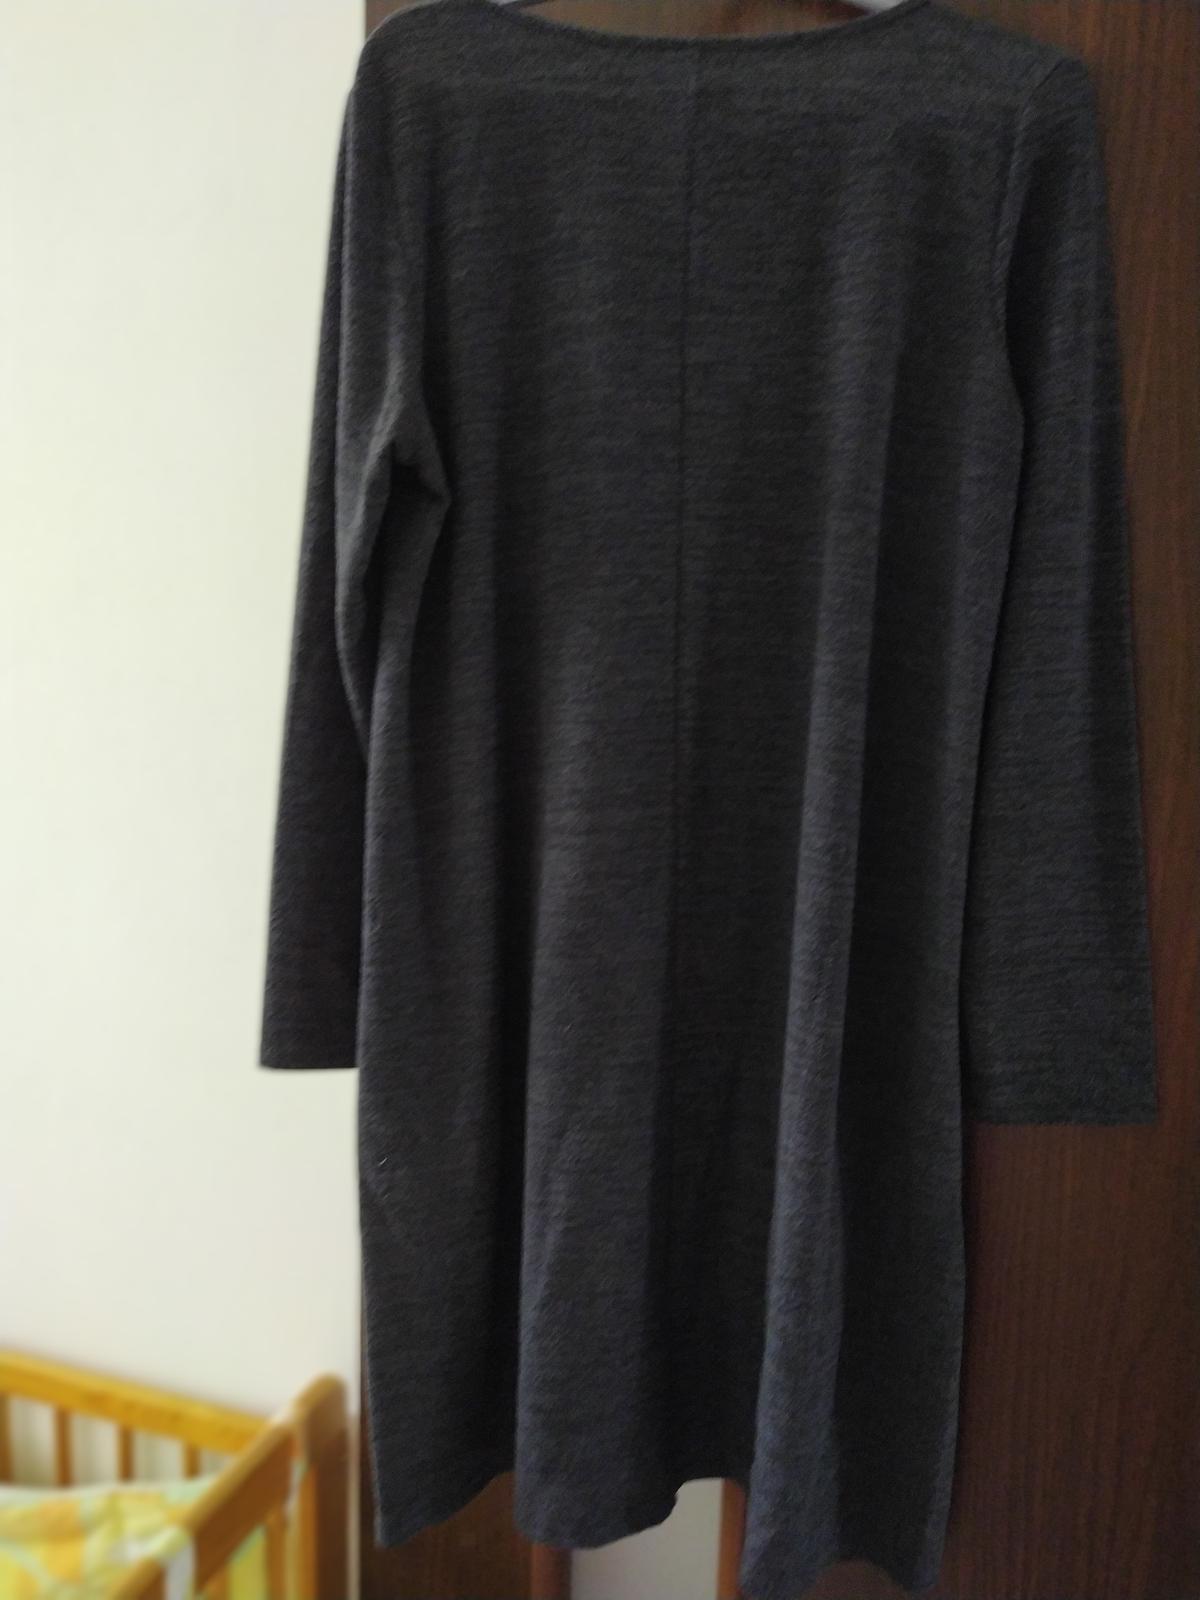 Dámske šaty - M - Obrázok č. 1